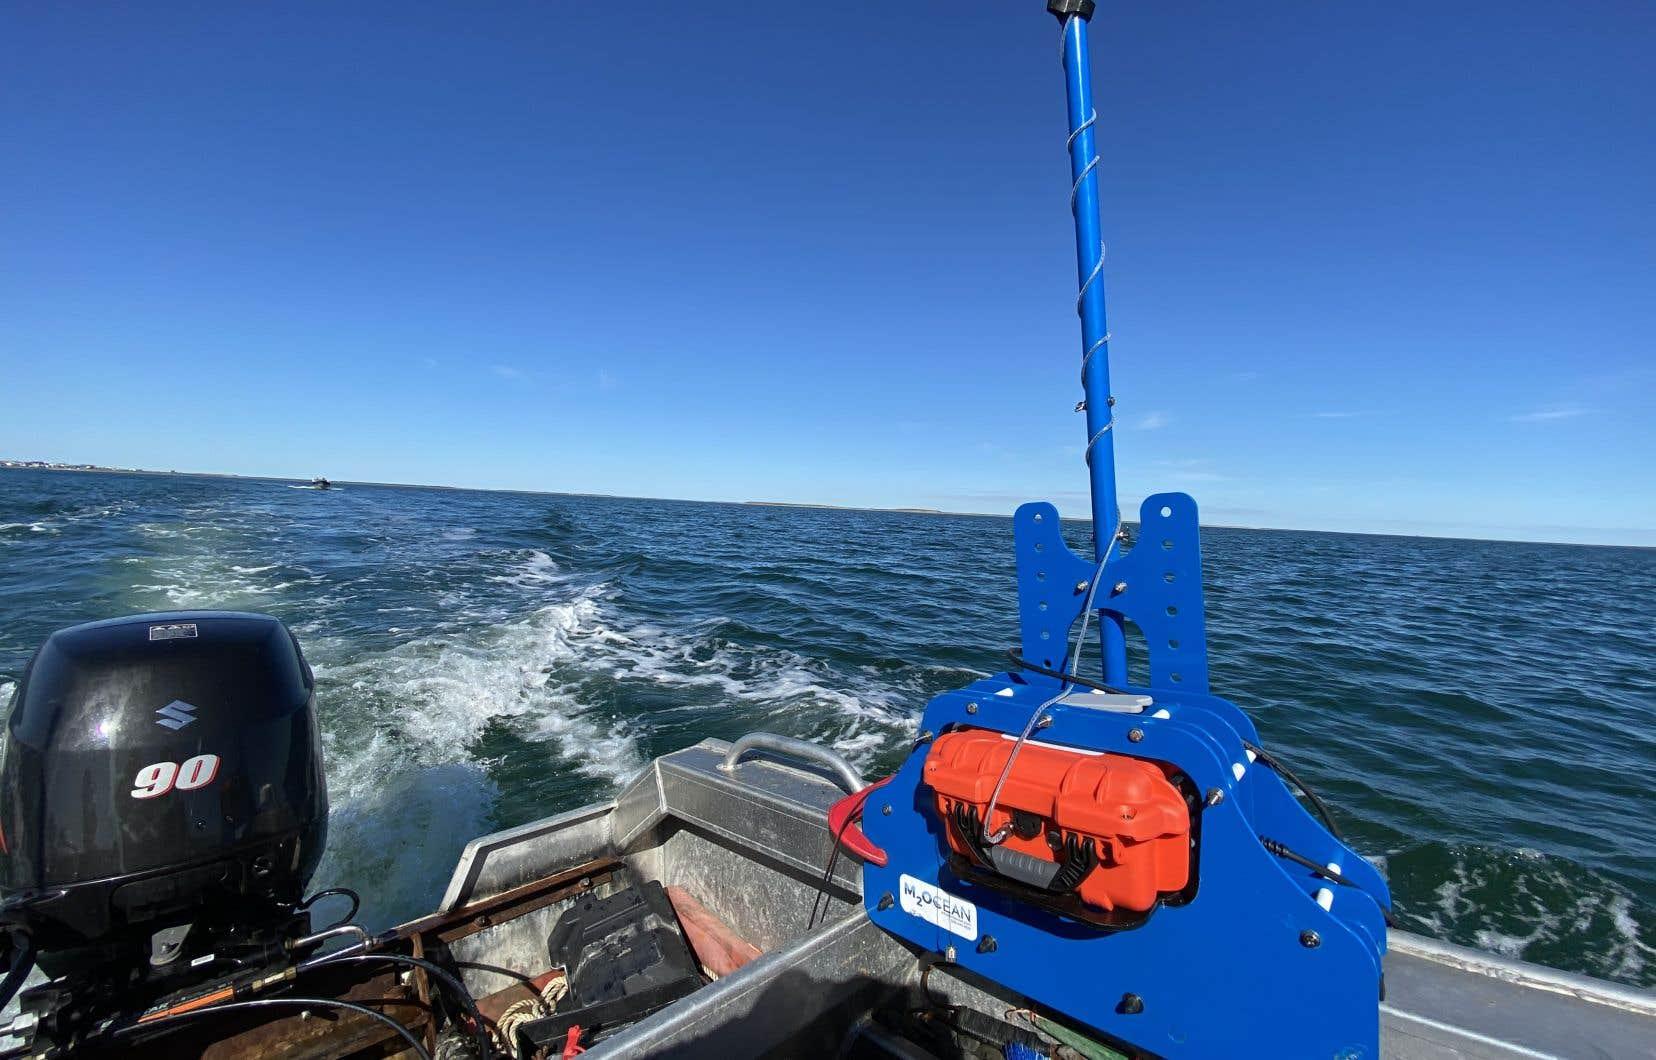 L'entreprise M2Océan, en collaboration avec la communauté autochtone d'Arviat, au Nunavut, a utilisé la technologie HydroBlock pour cartographier une partie des fonds marins de la baie d'Hudson. Leur innovation pourrait être utilisée pour recenser les mouvements du fond marin qui ont eu lieu pendant l'hiver dans le Saint-Laurent.